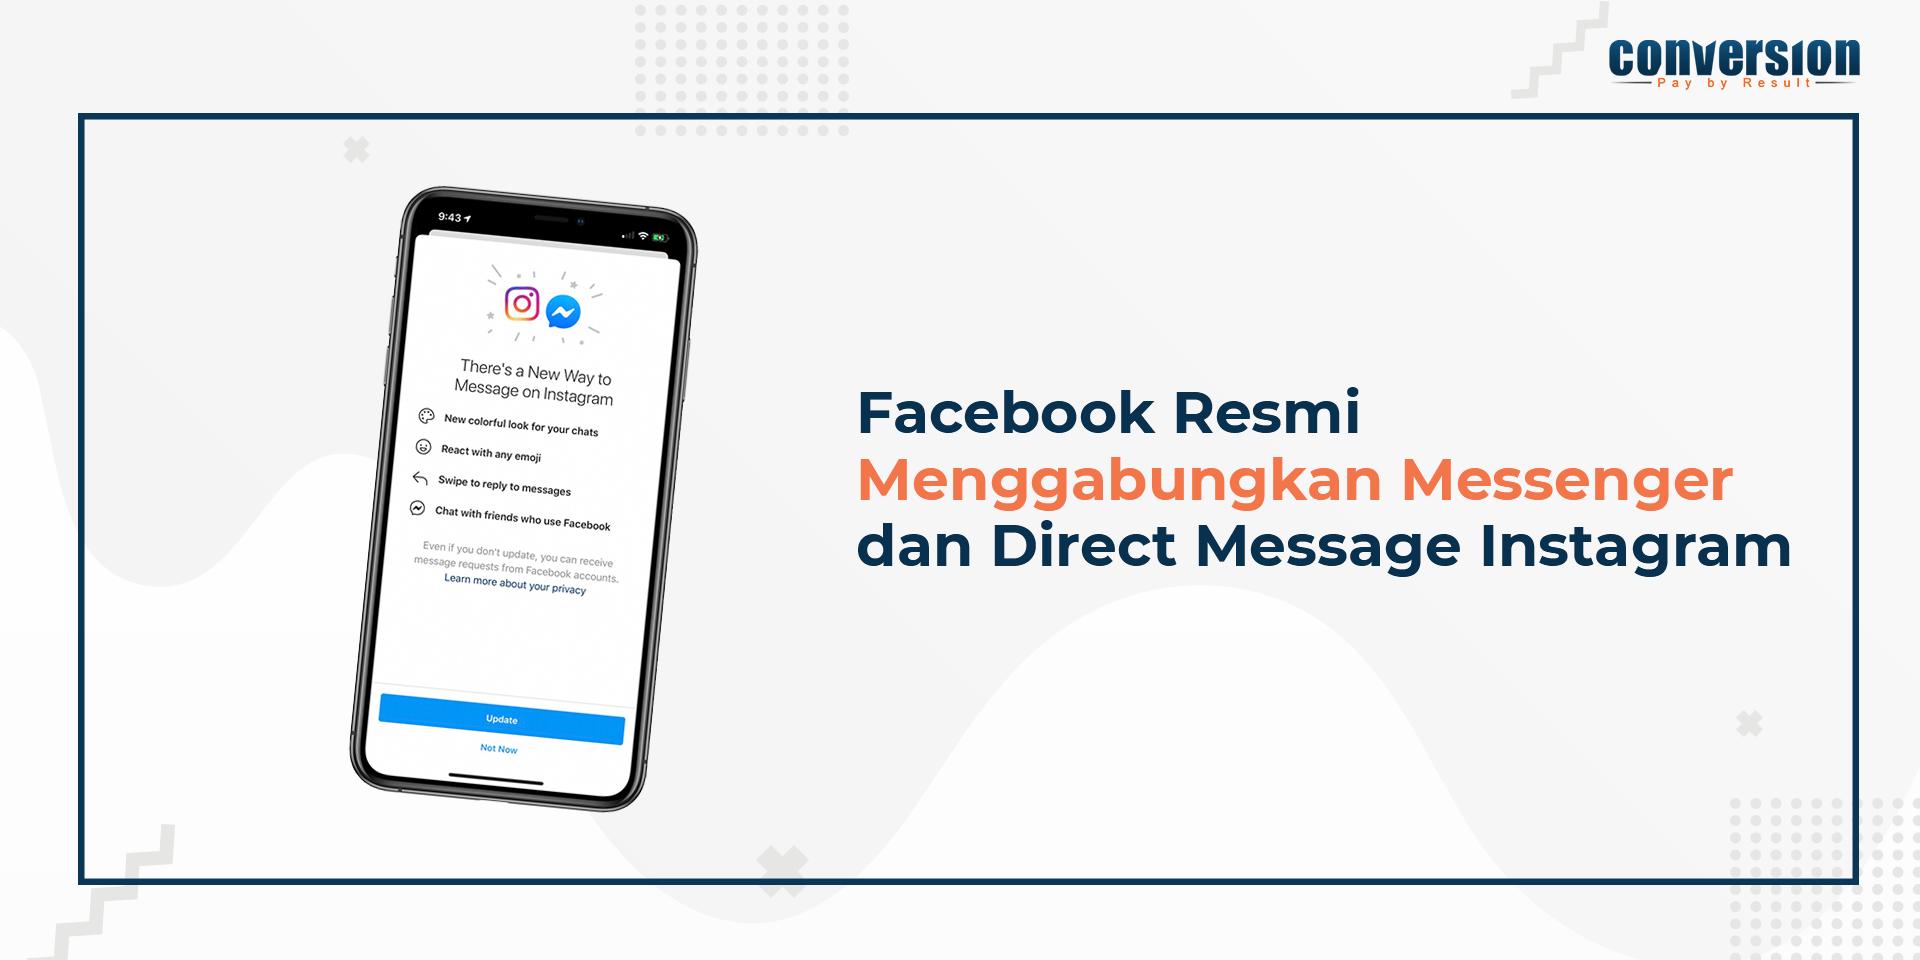 Facebook Resmi Menggabungkan Messenger dan Dirrect Message Instagram